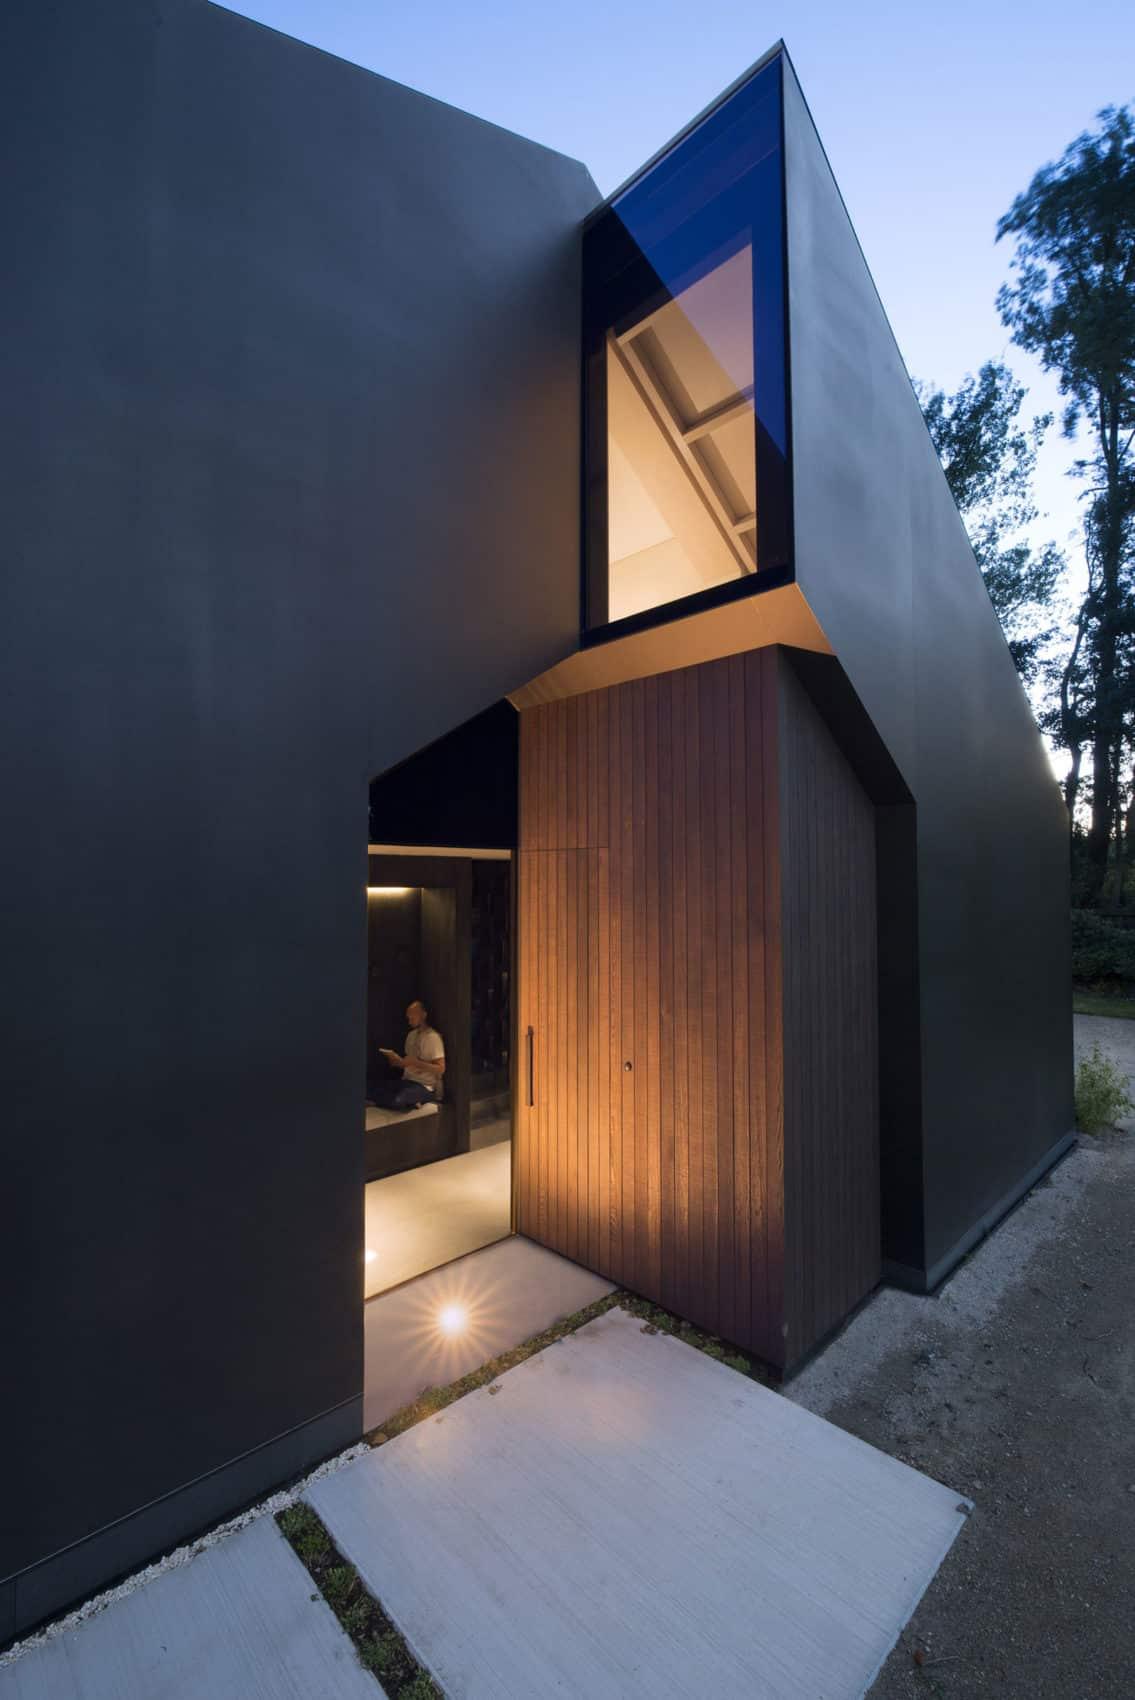 Villa Schoorl by Studio PROTOTYPE (2)